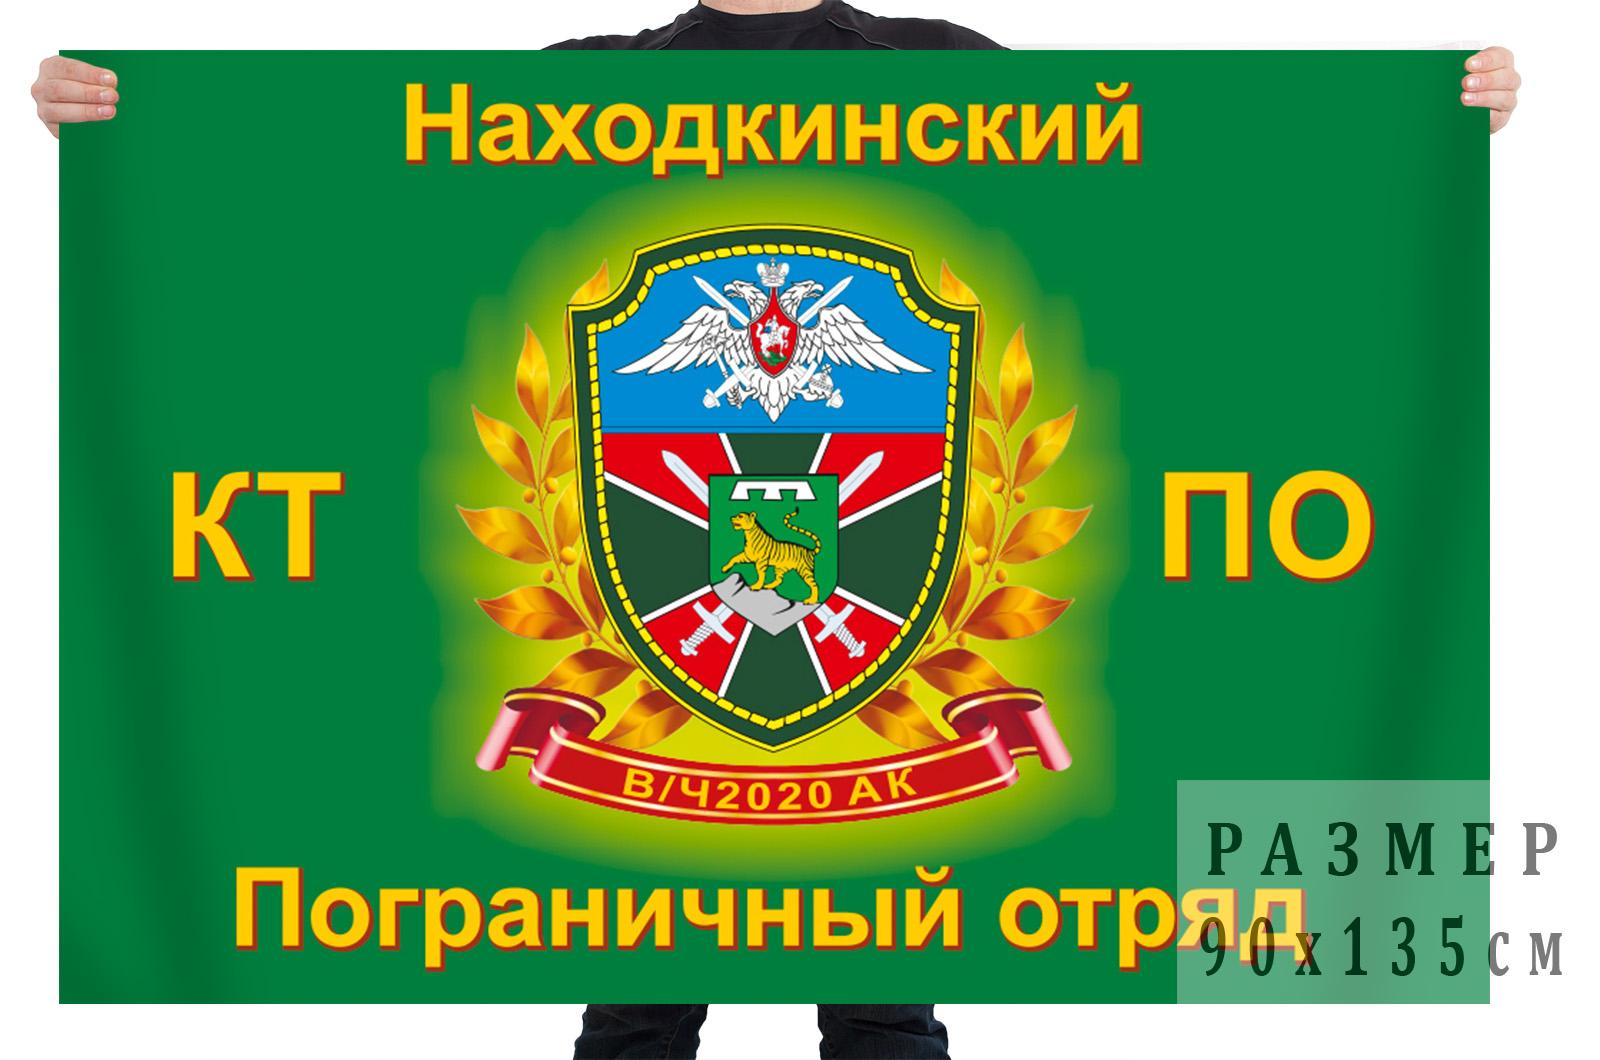 Флаг 62 Находкинского морского пограничного отряда